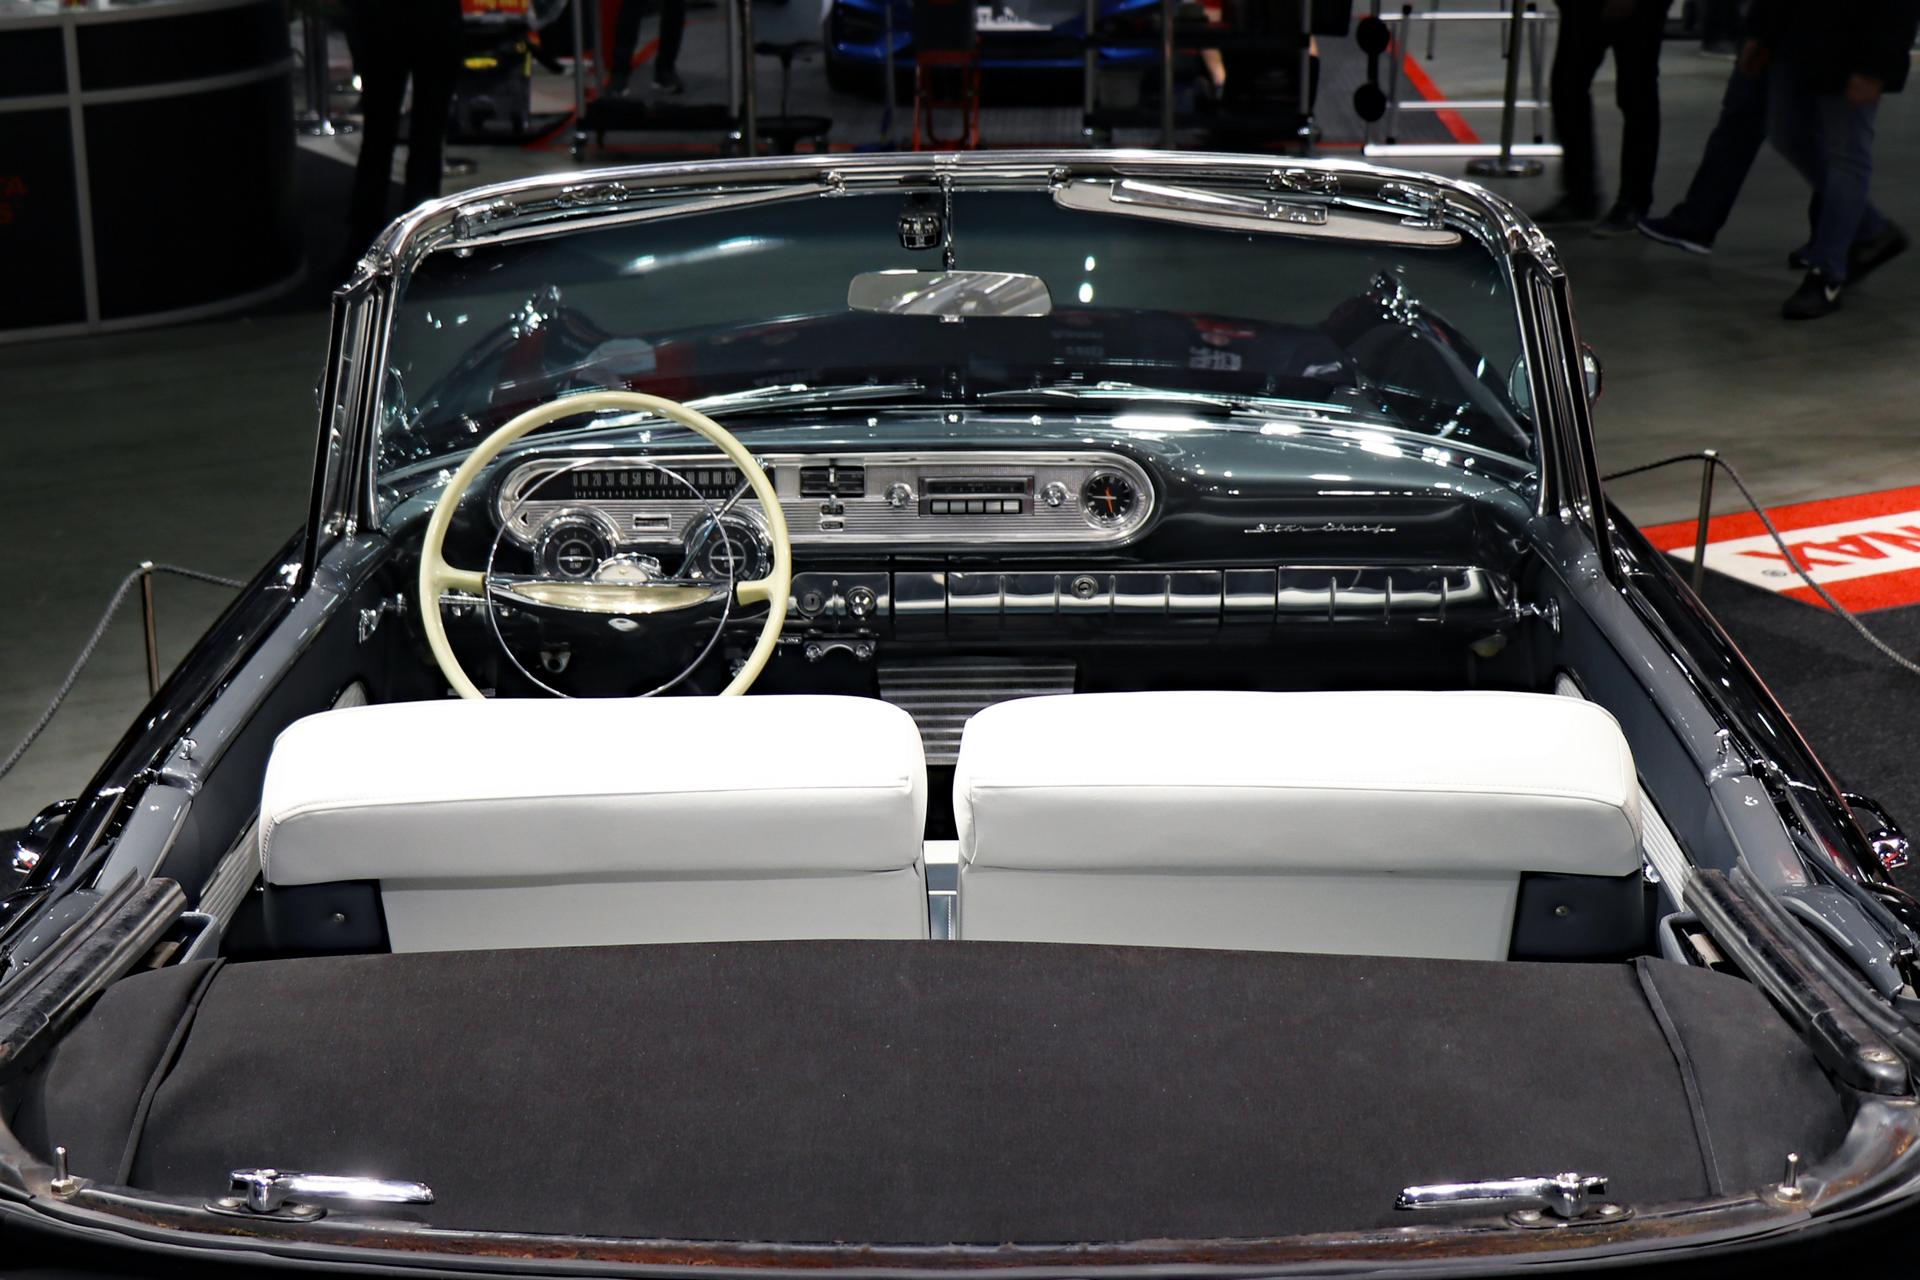 001-1957 Pontiac Star Chief convertible 07, Eier-m